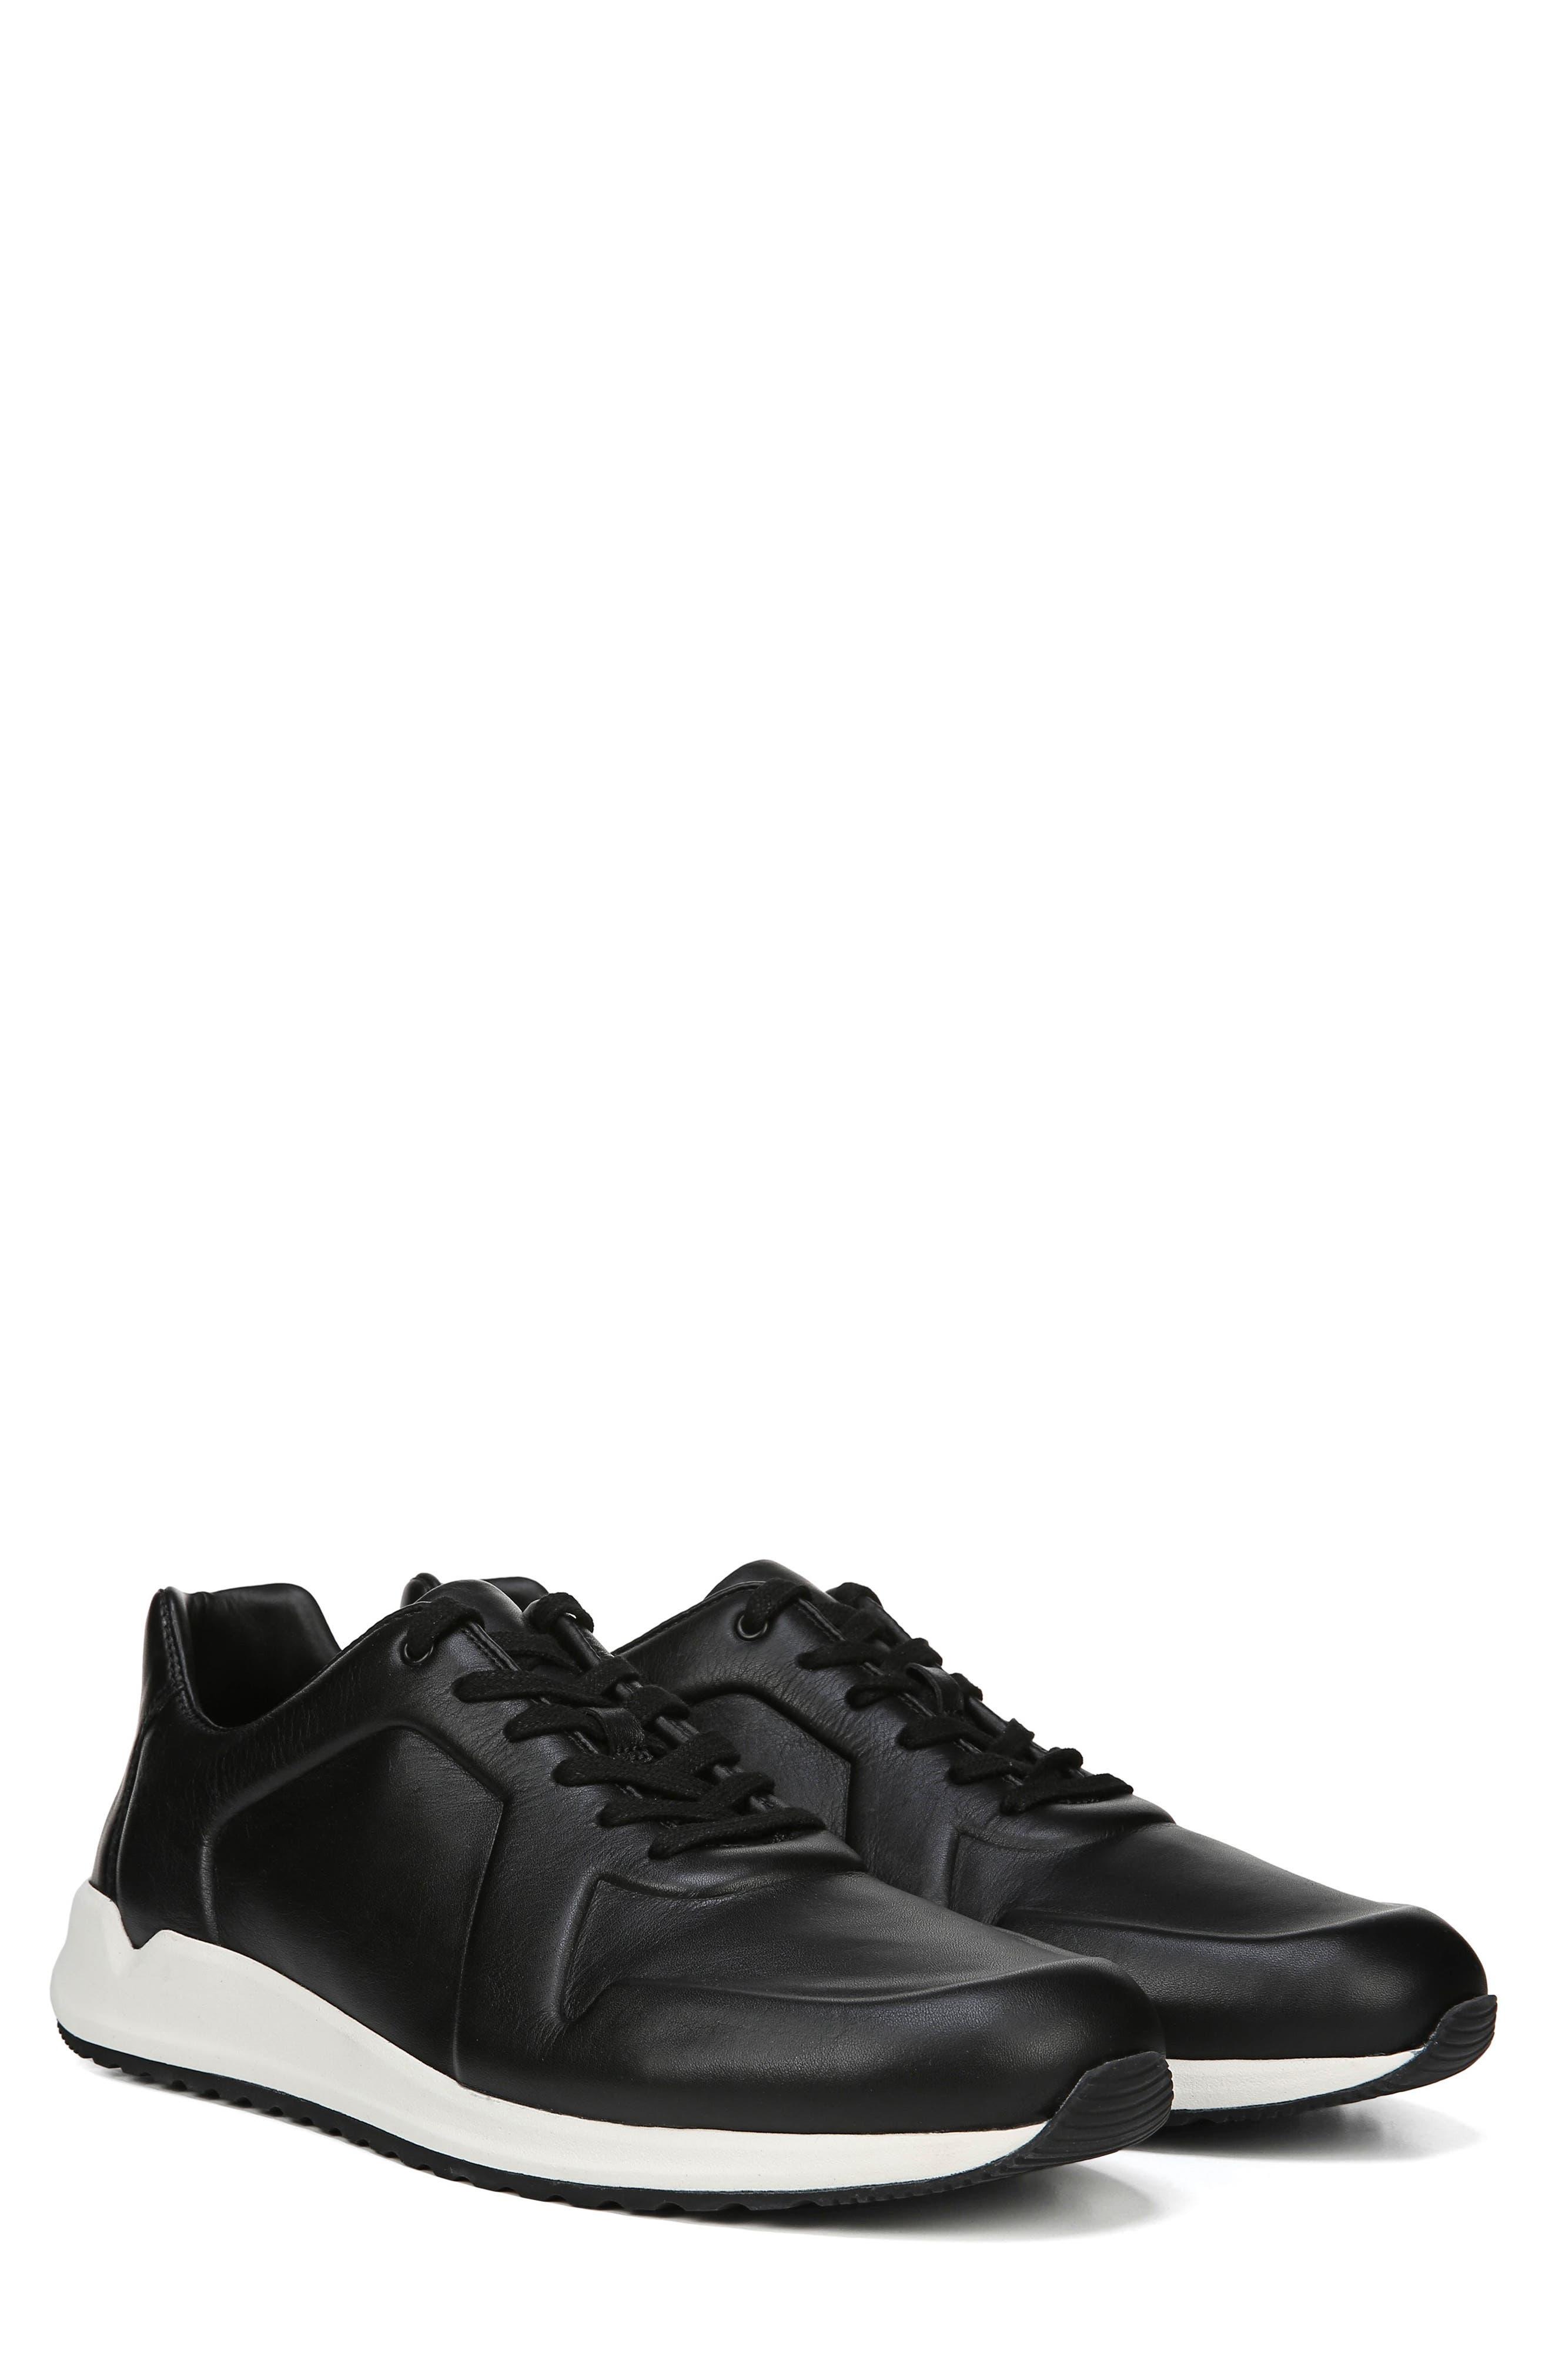 Garrett Sneaker,                             Alternate thumbnail 8, color,                             BLACK/ BLACK